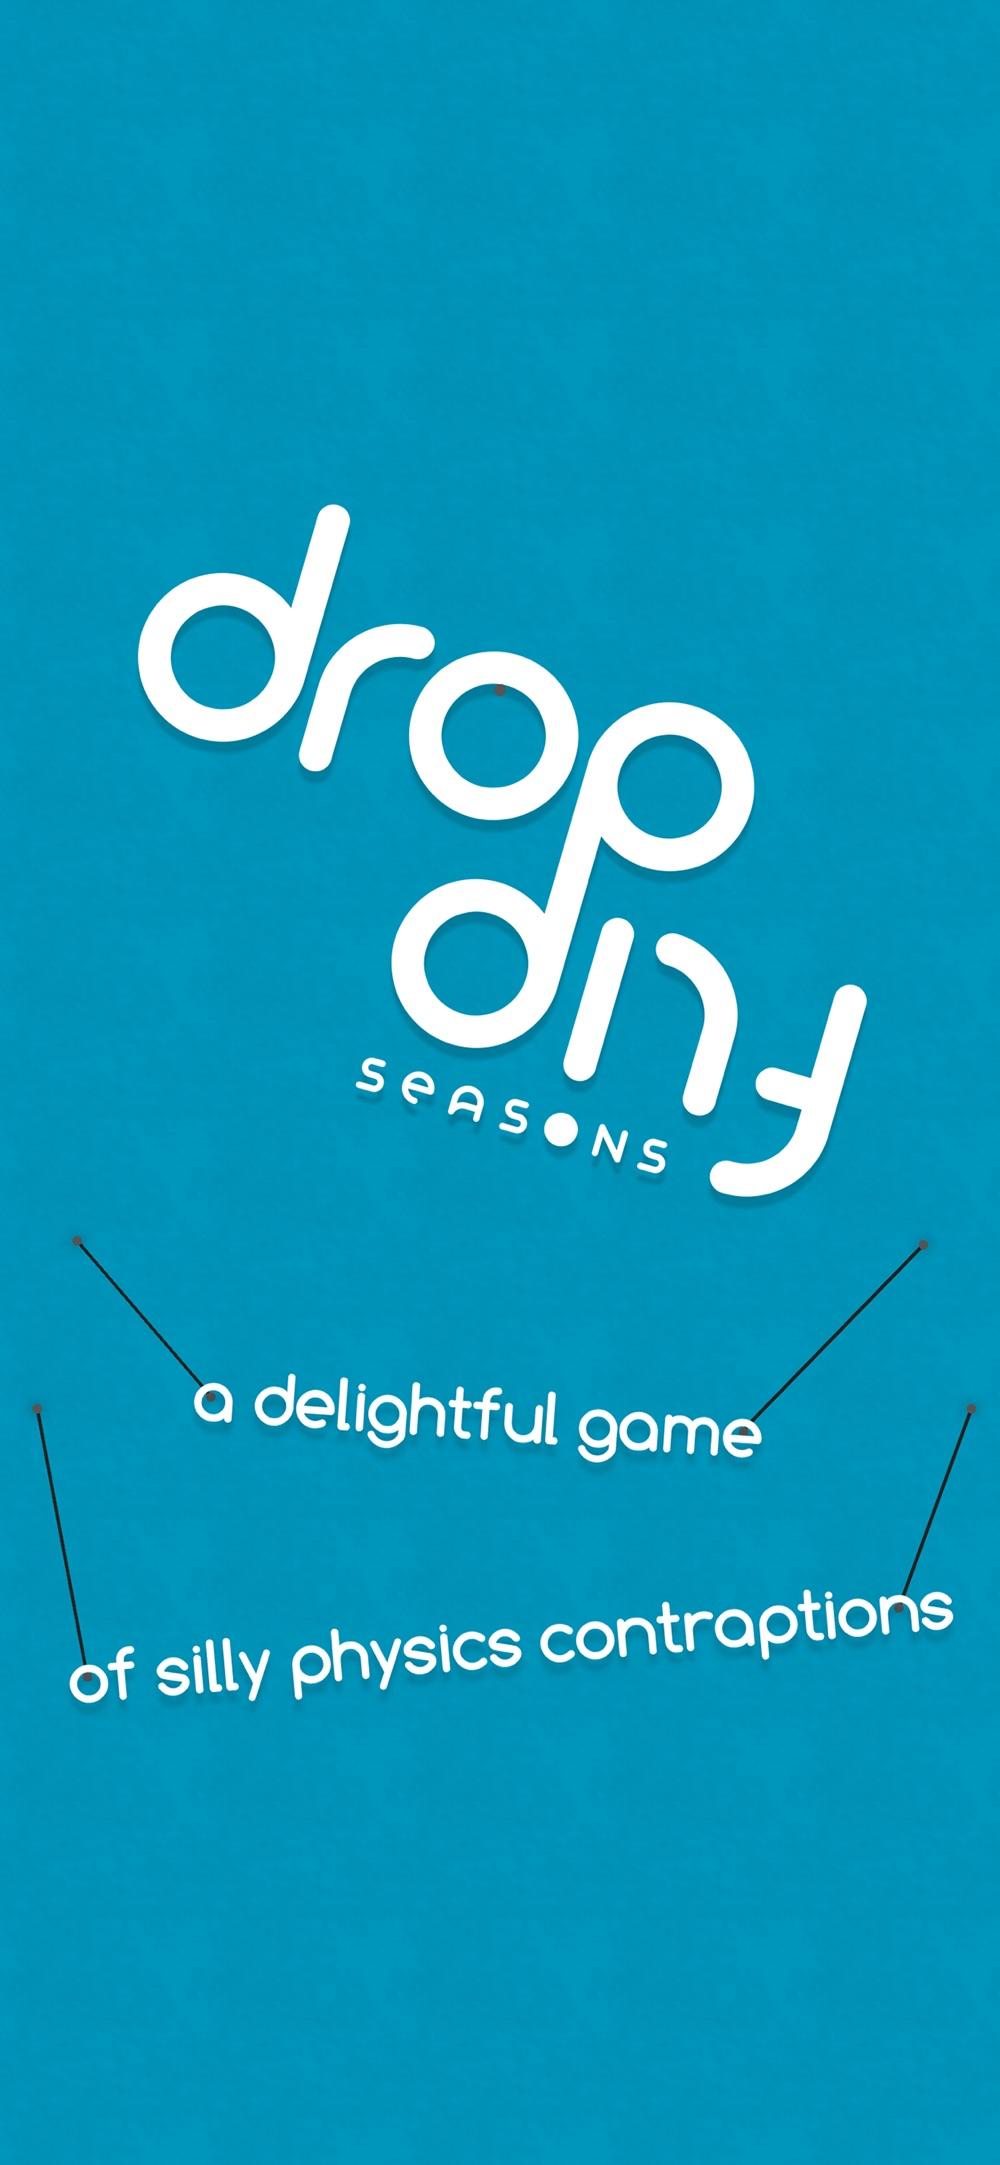 Drop Flip Seasons Cheat Codes